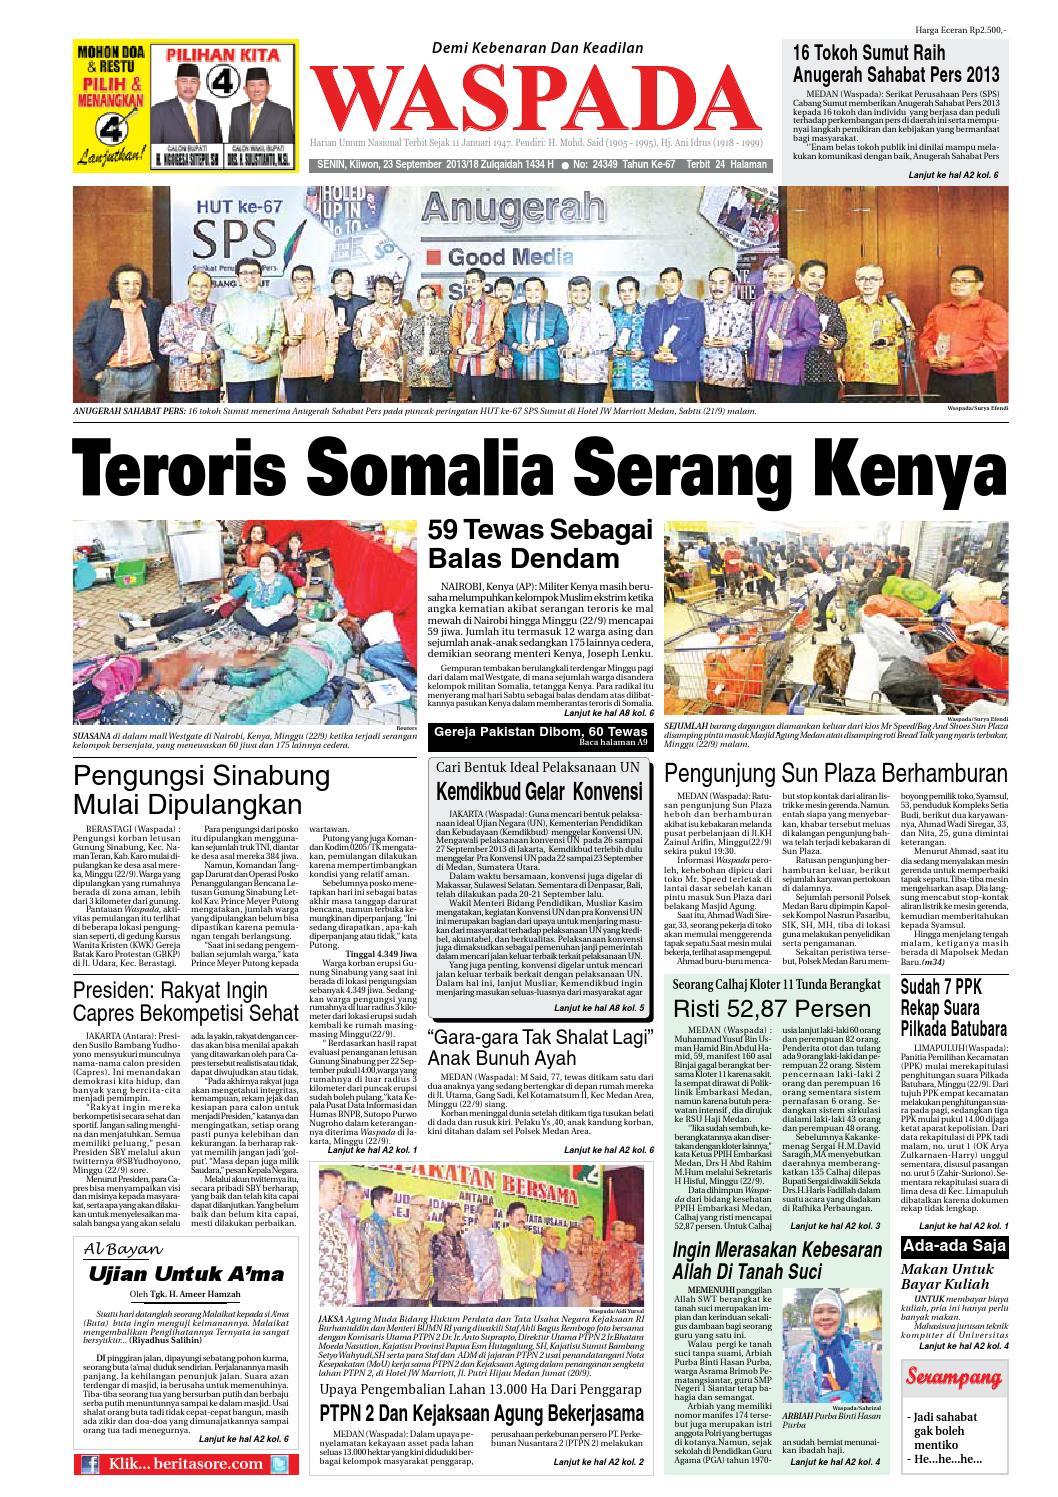 Waspada Senin 23 September 2013 By Harian Waspada Issuu